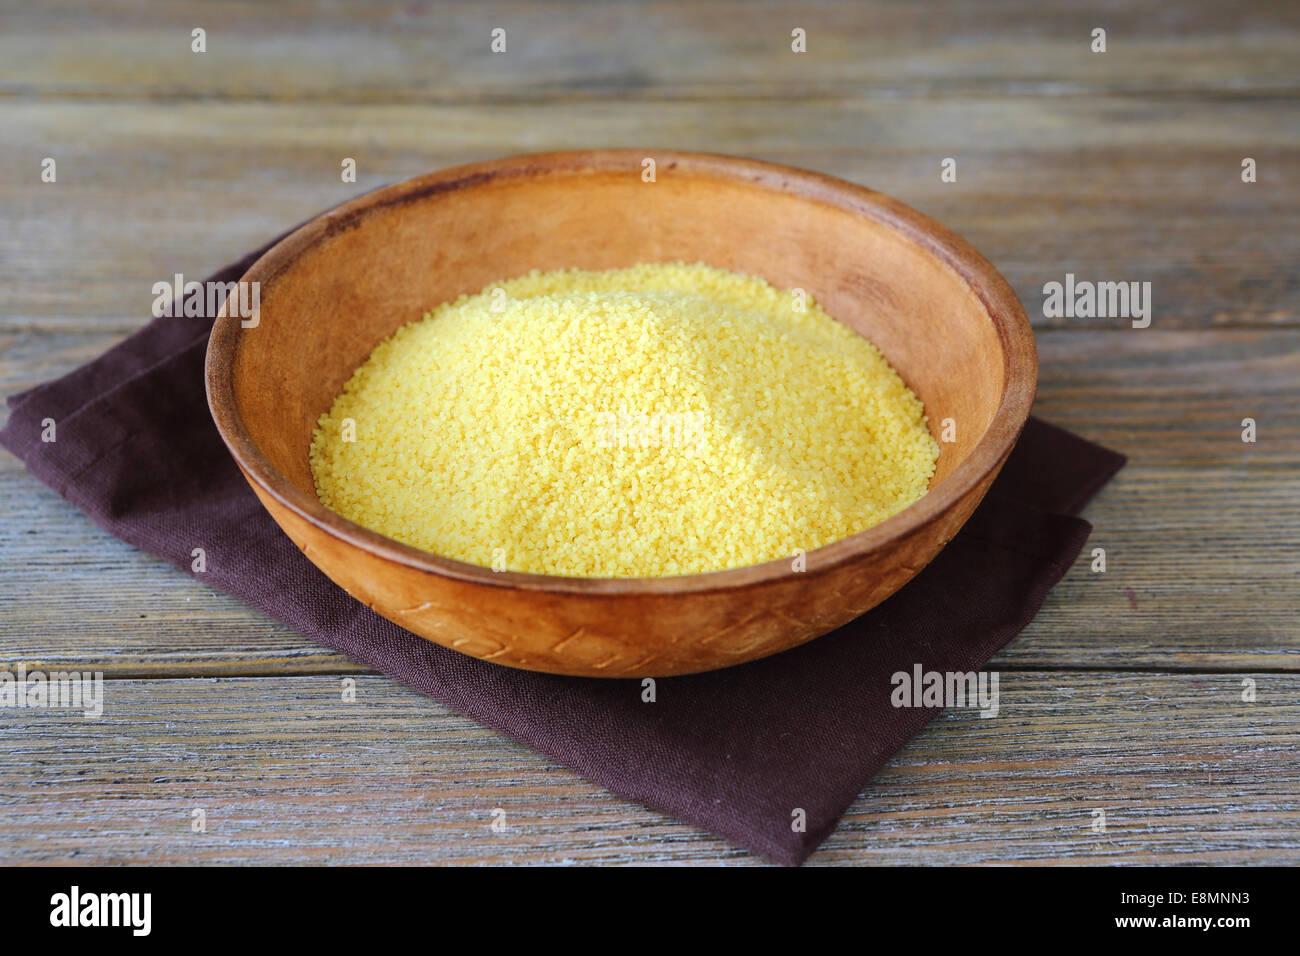 Rohe arabischen Couscous in einer Schüssel Lehm, arabisches Essen Stockbild